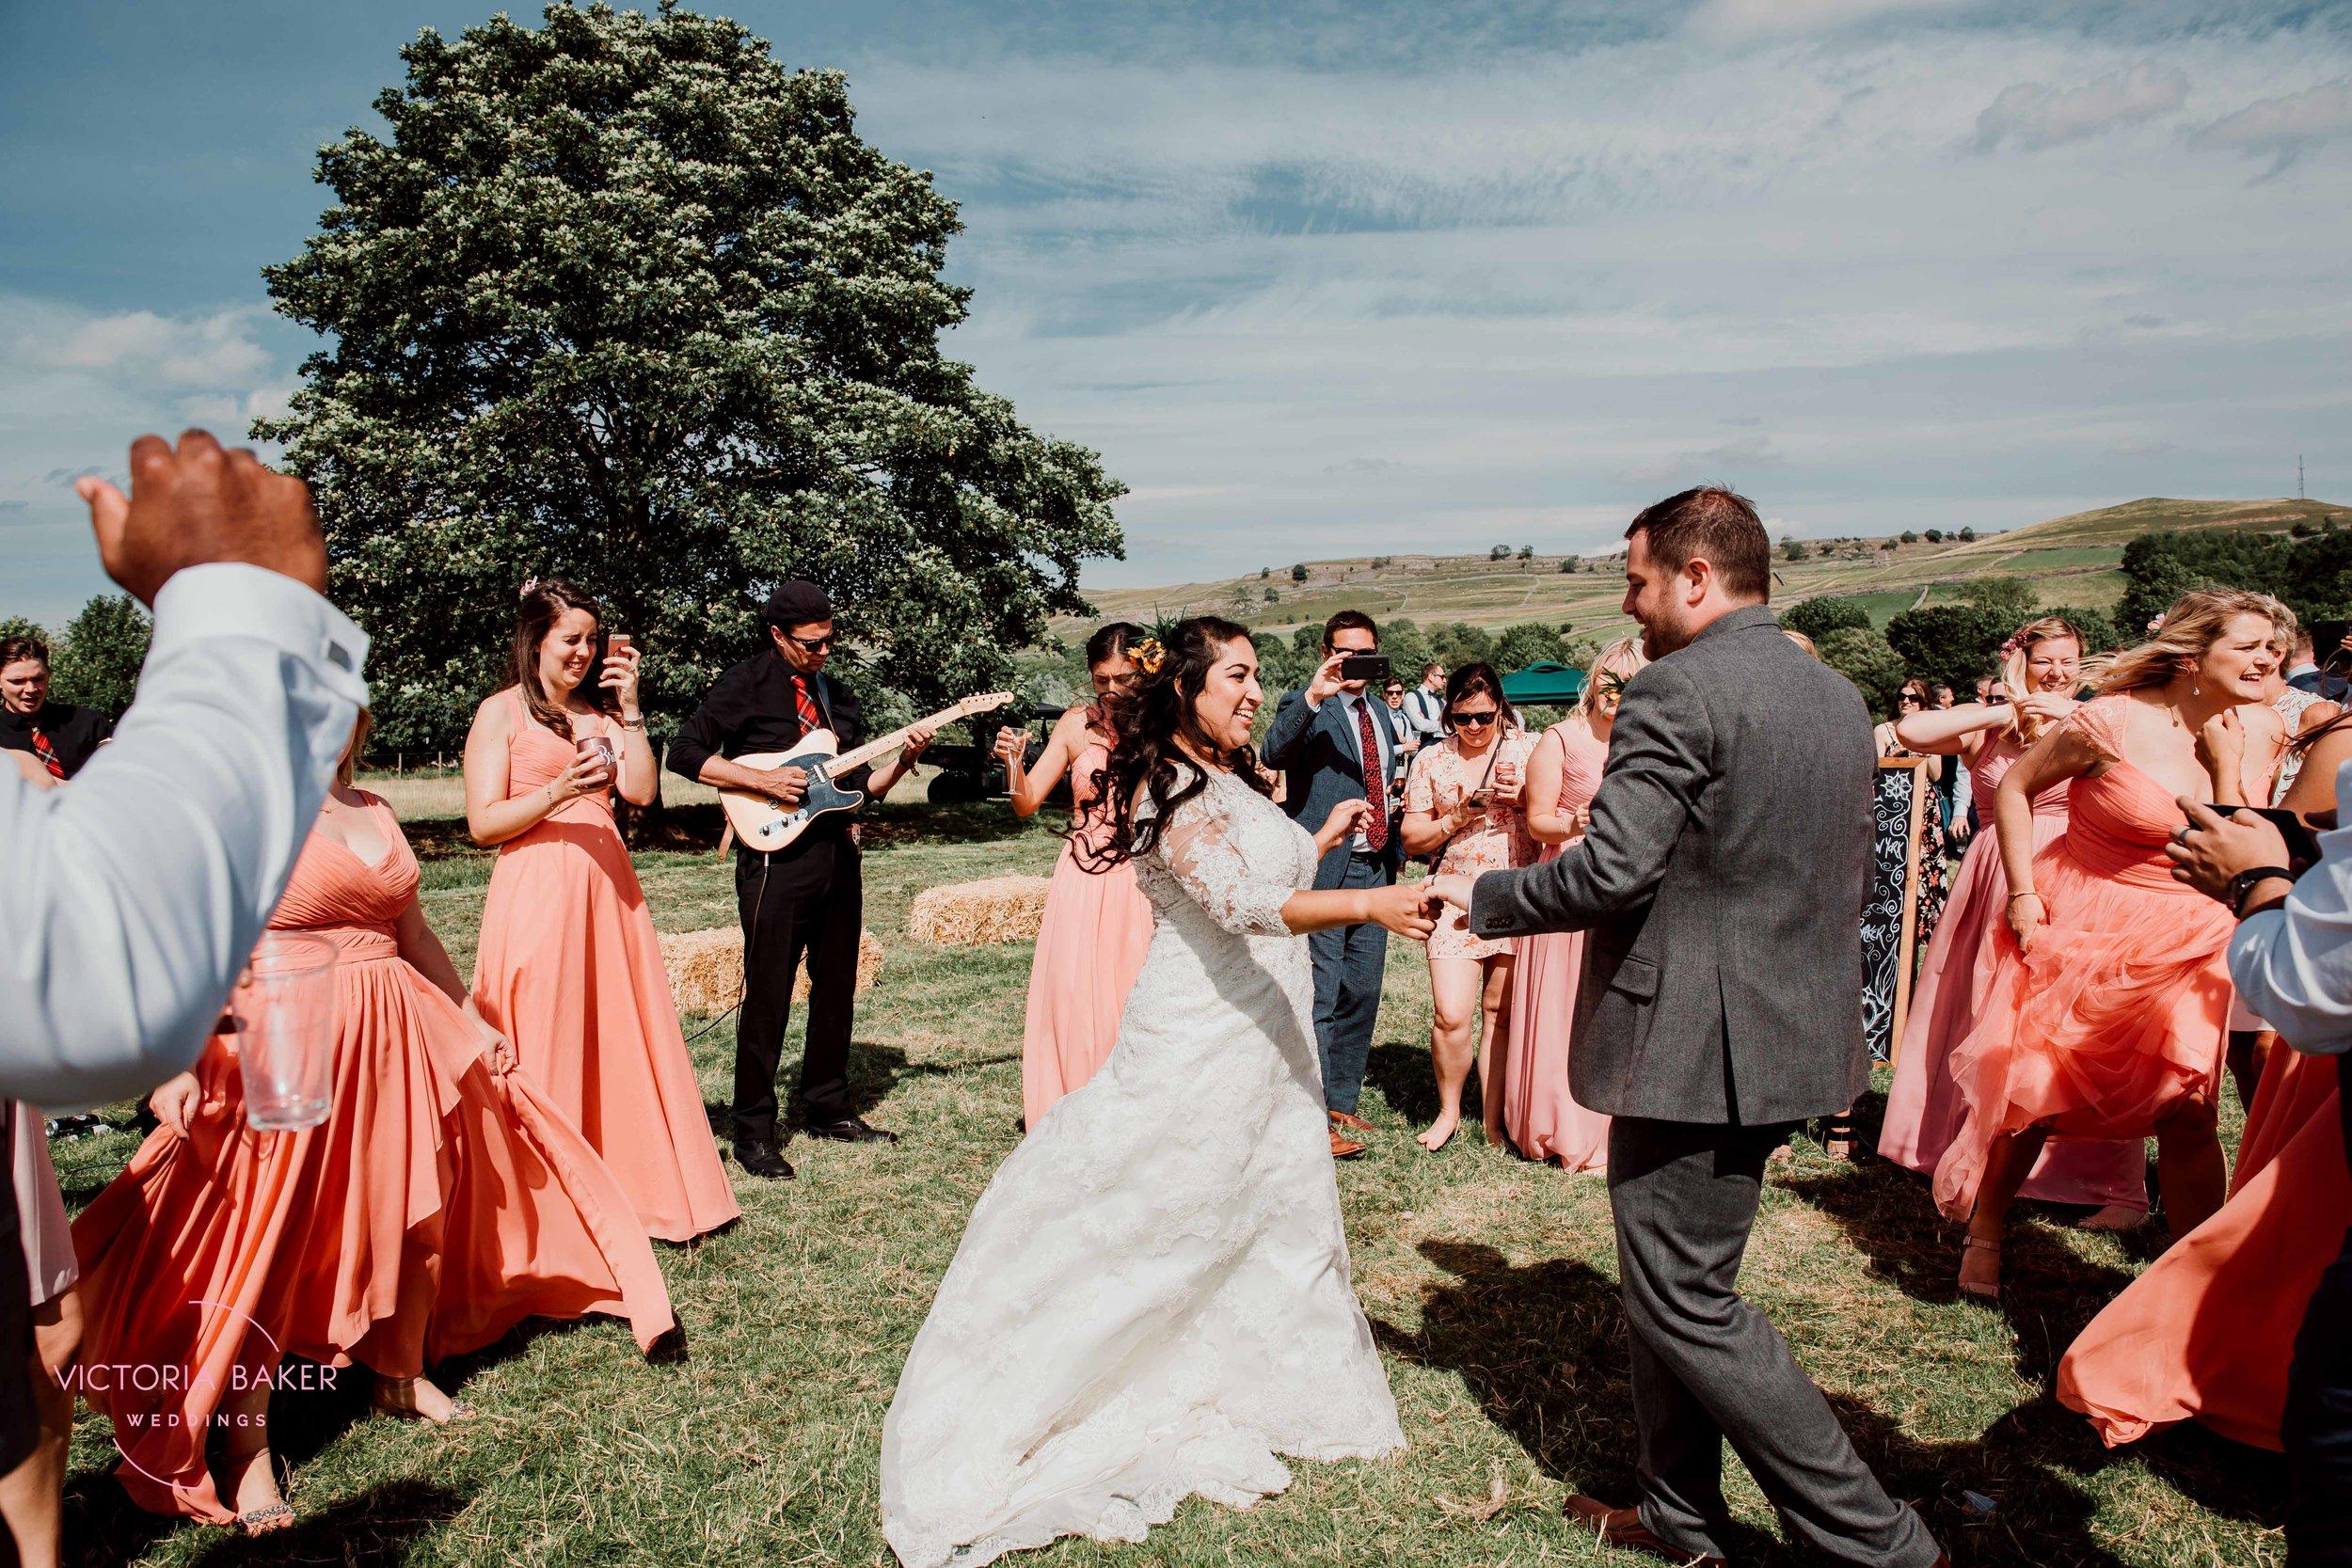 Dancing bride and groom at Kilnsey Park Estate